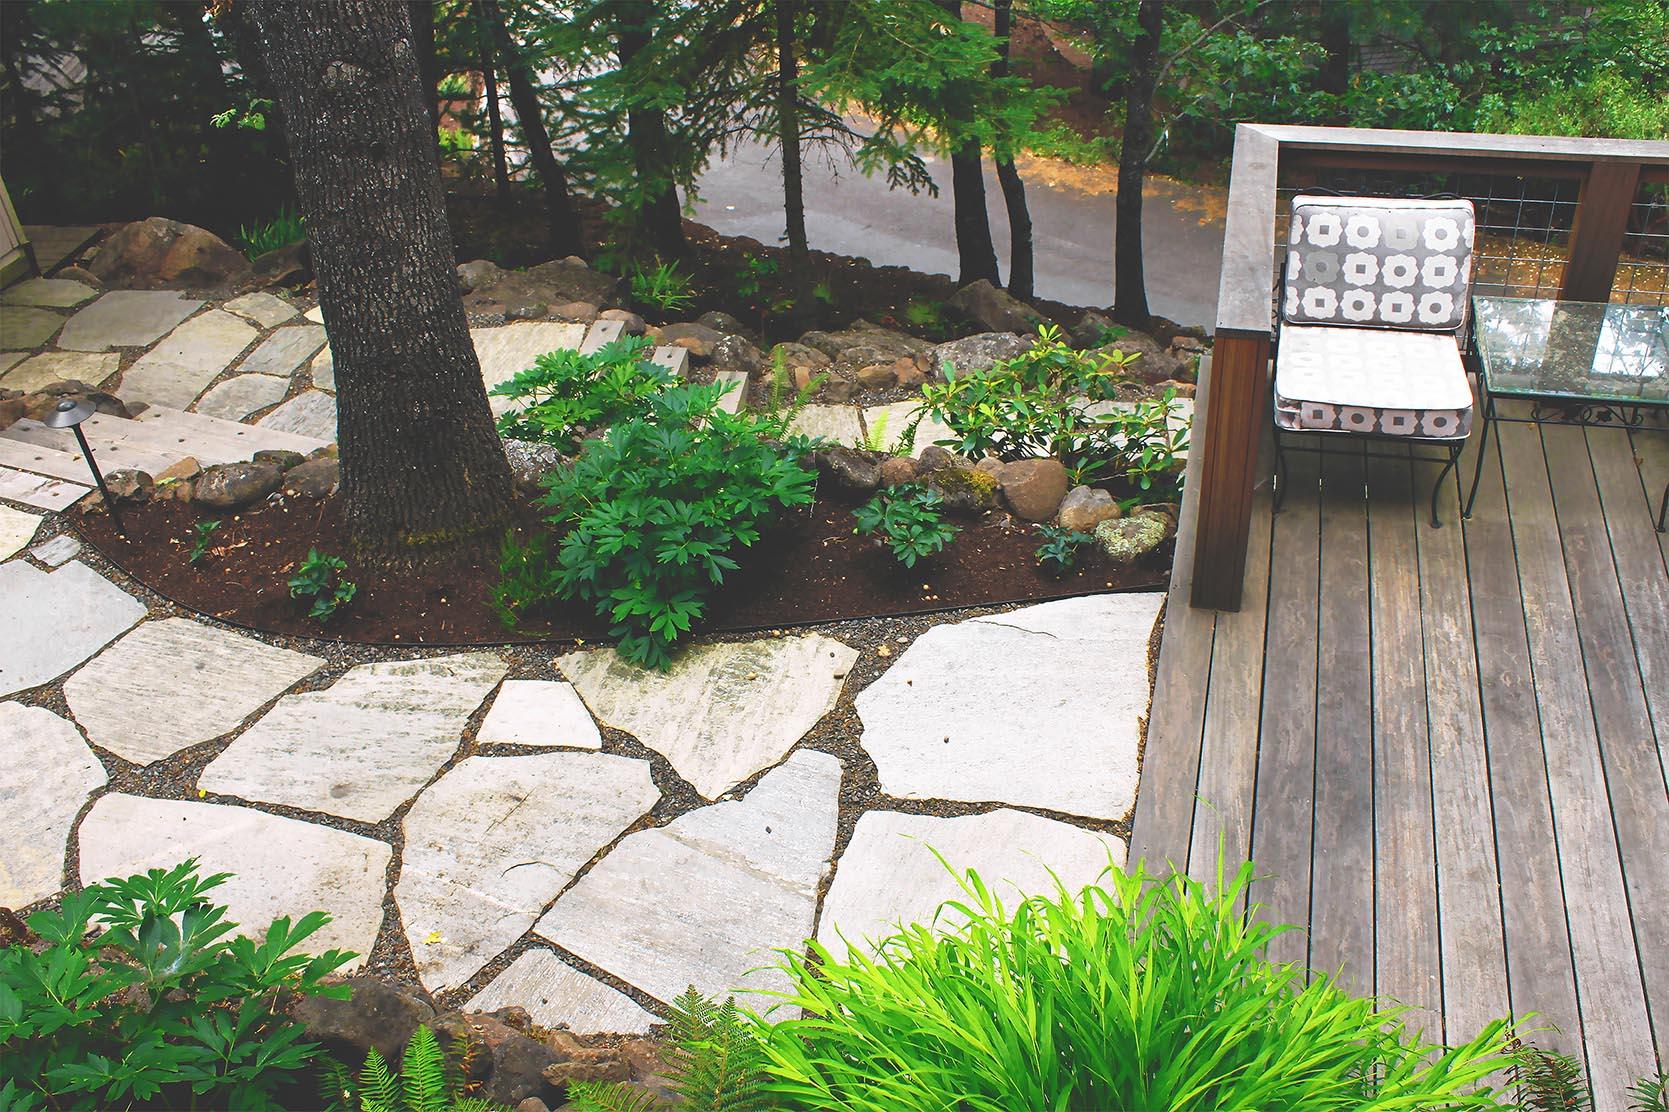 Loose Fit Flagstone Path + Timber + Gravel Steps + Deer-Resistant Perennial Garden + Cedar Studio Deck + Modern + Japanese Forest Grass + Fern